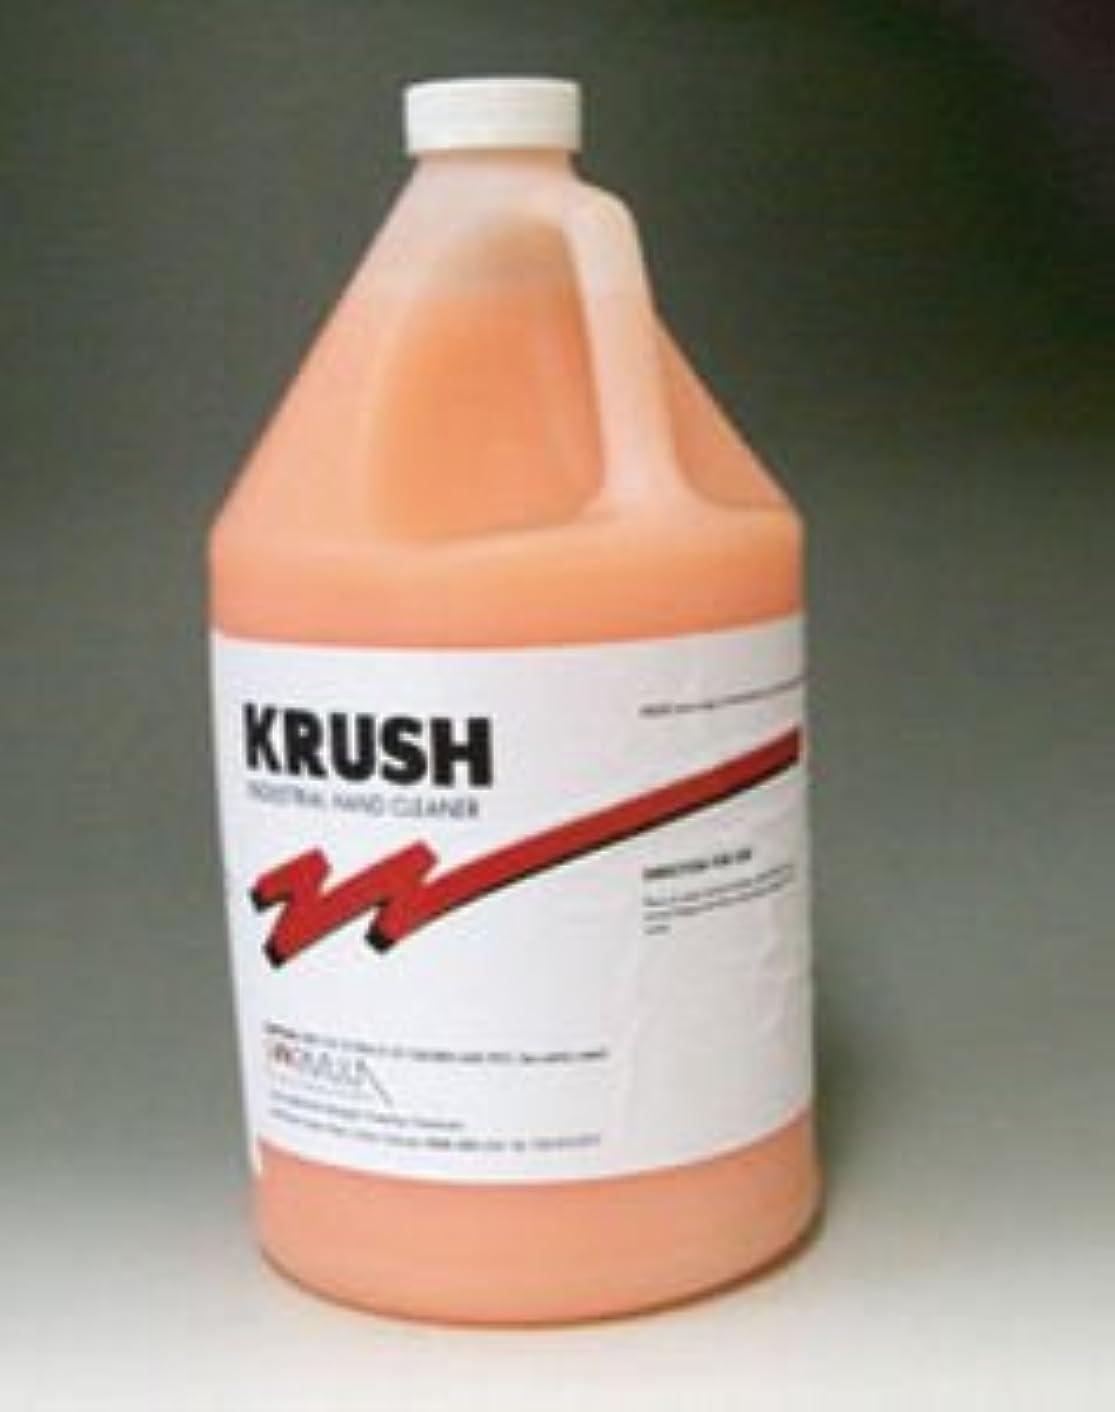 承知しましたなぞらえる作るクラッシュ 3.8L [106041] 工業用手洗い石鹸